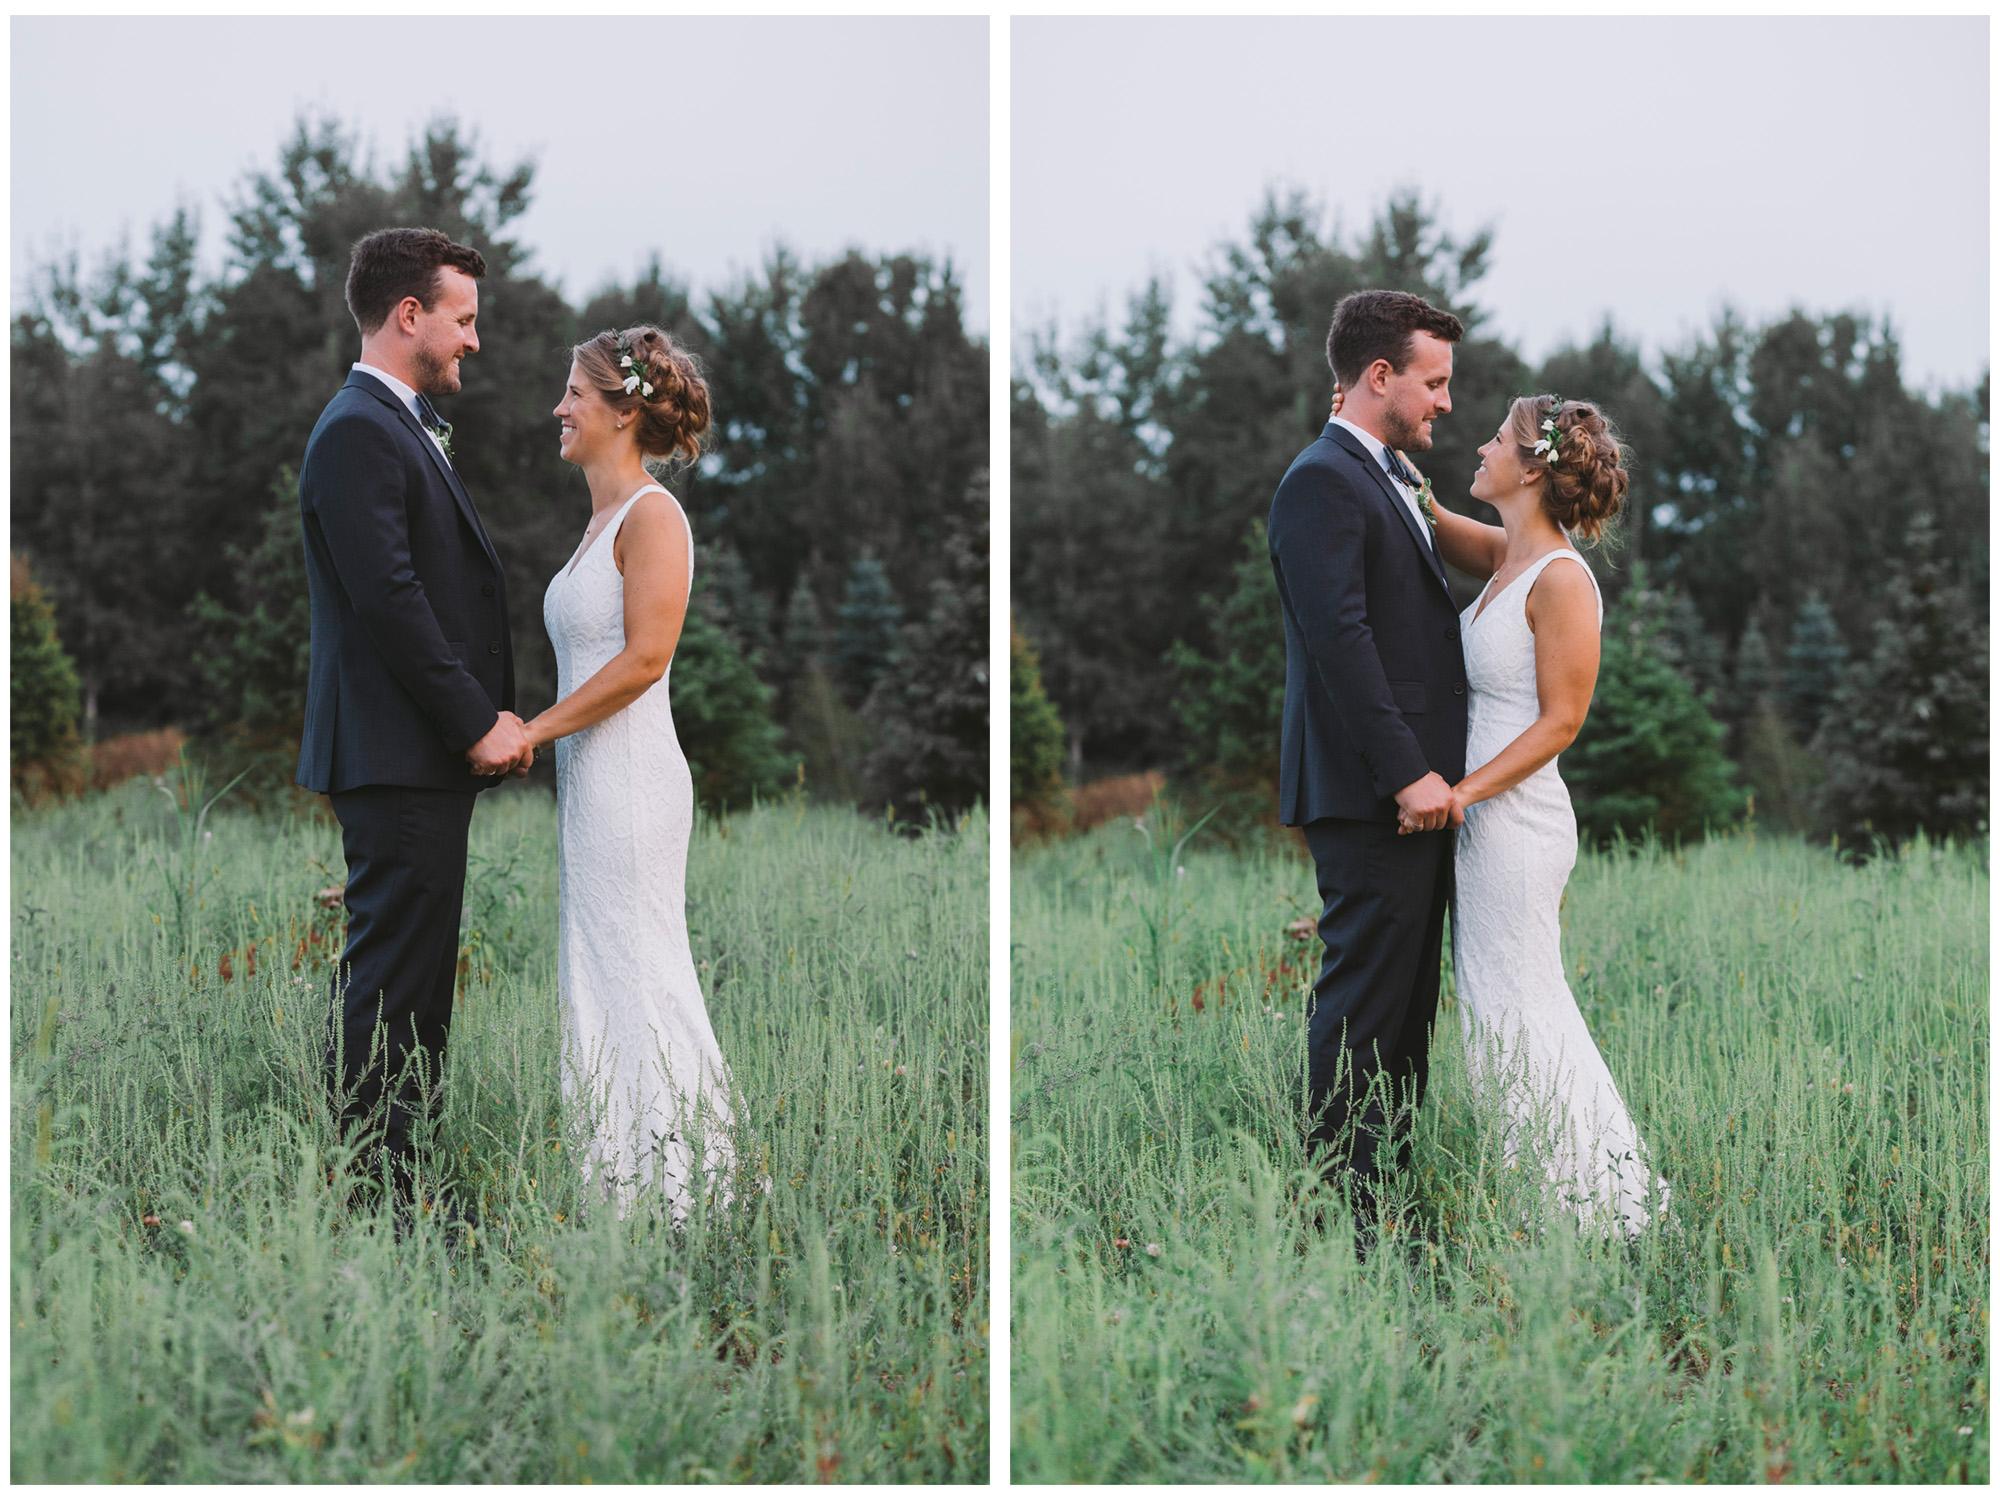 Wedding Couple Photos at Drysdale's Tree Farm